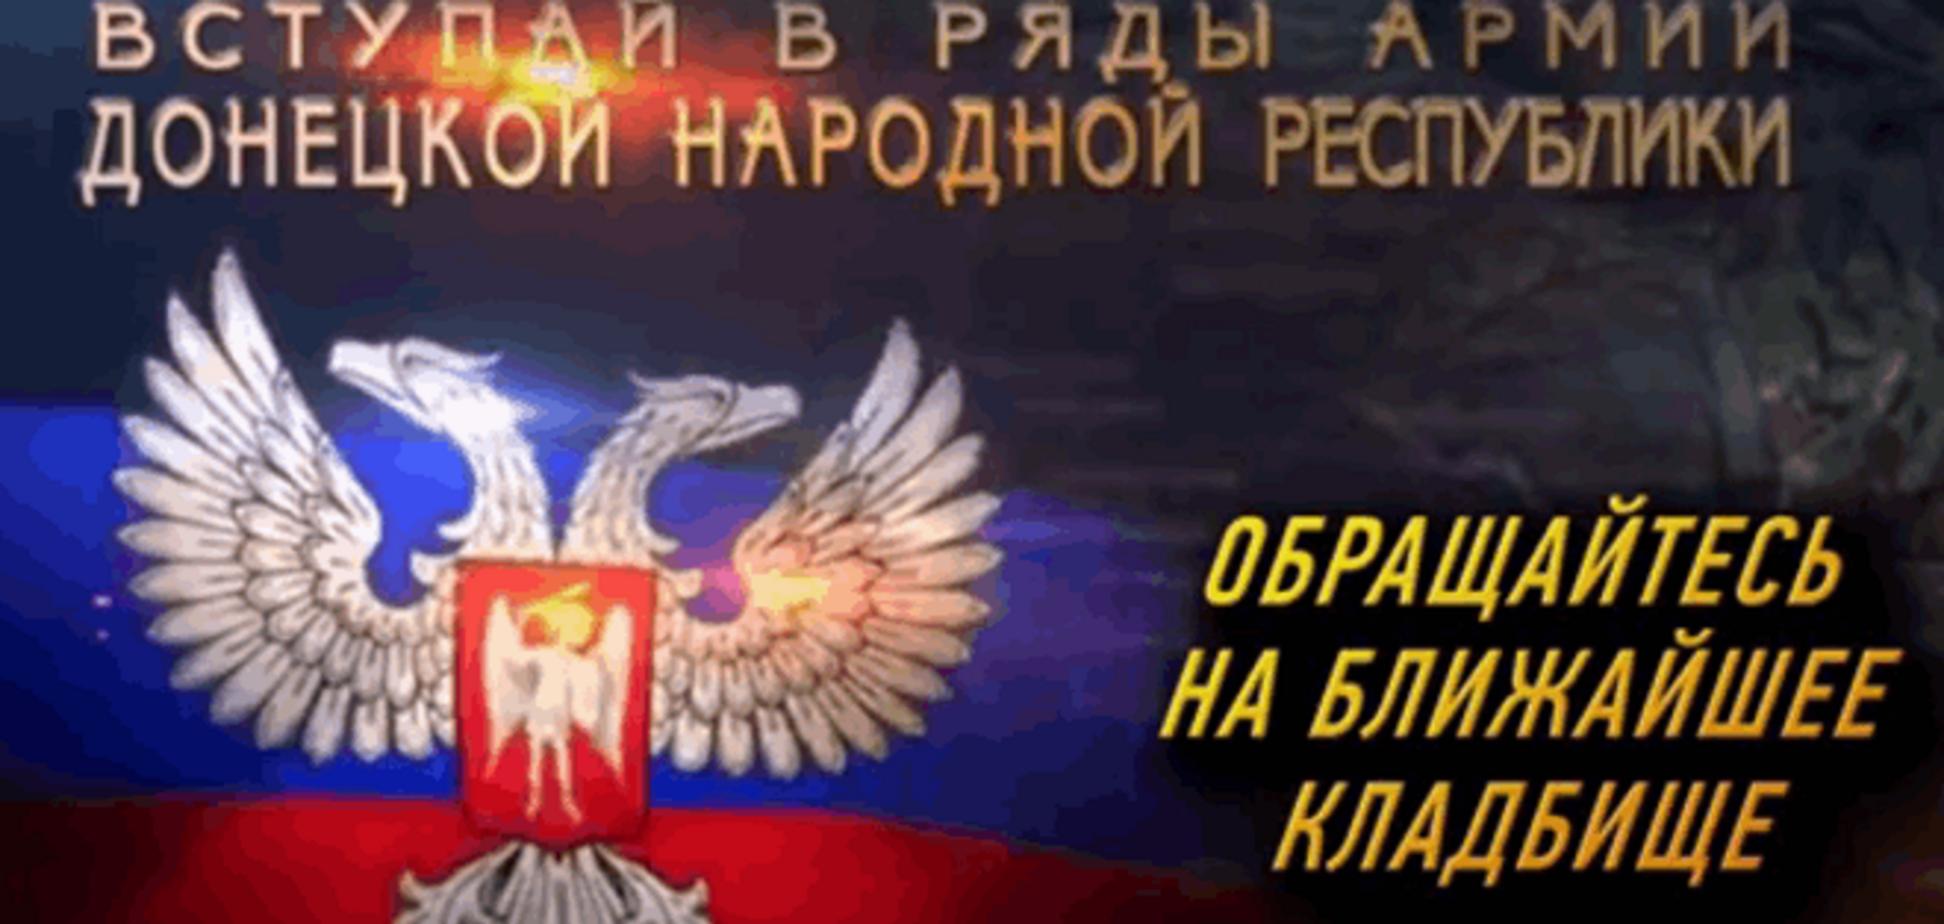 Для боевиков сняли мобилизационный ролик: 'Обращайтесь в ближайшее кладбище'